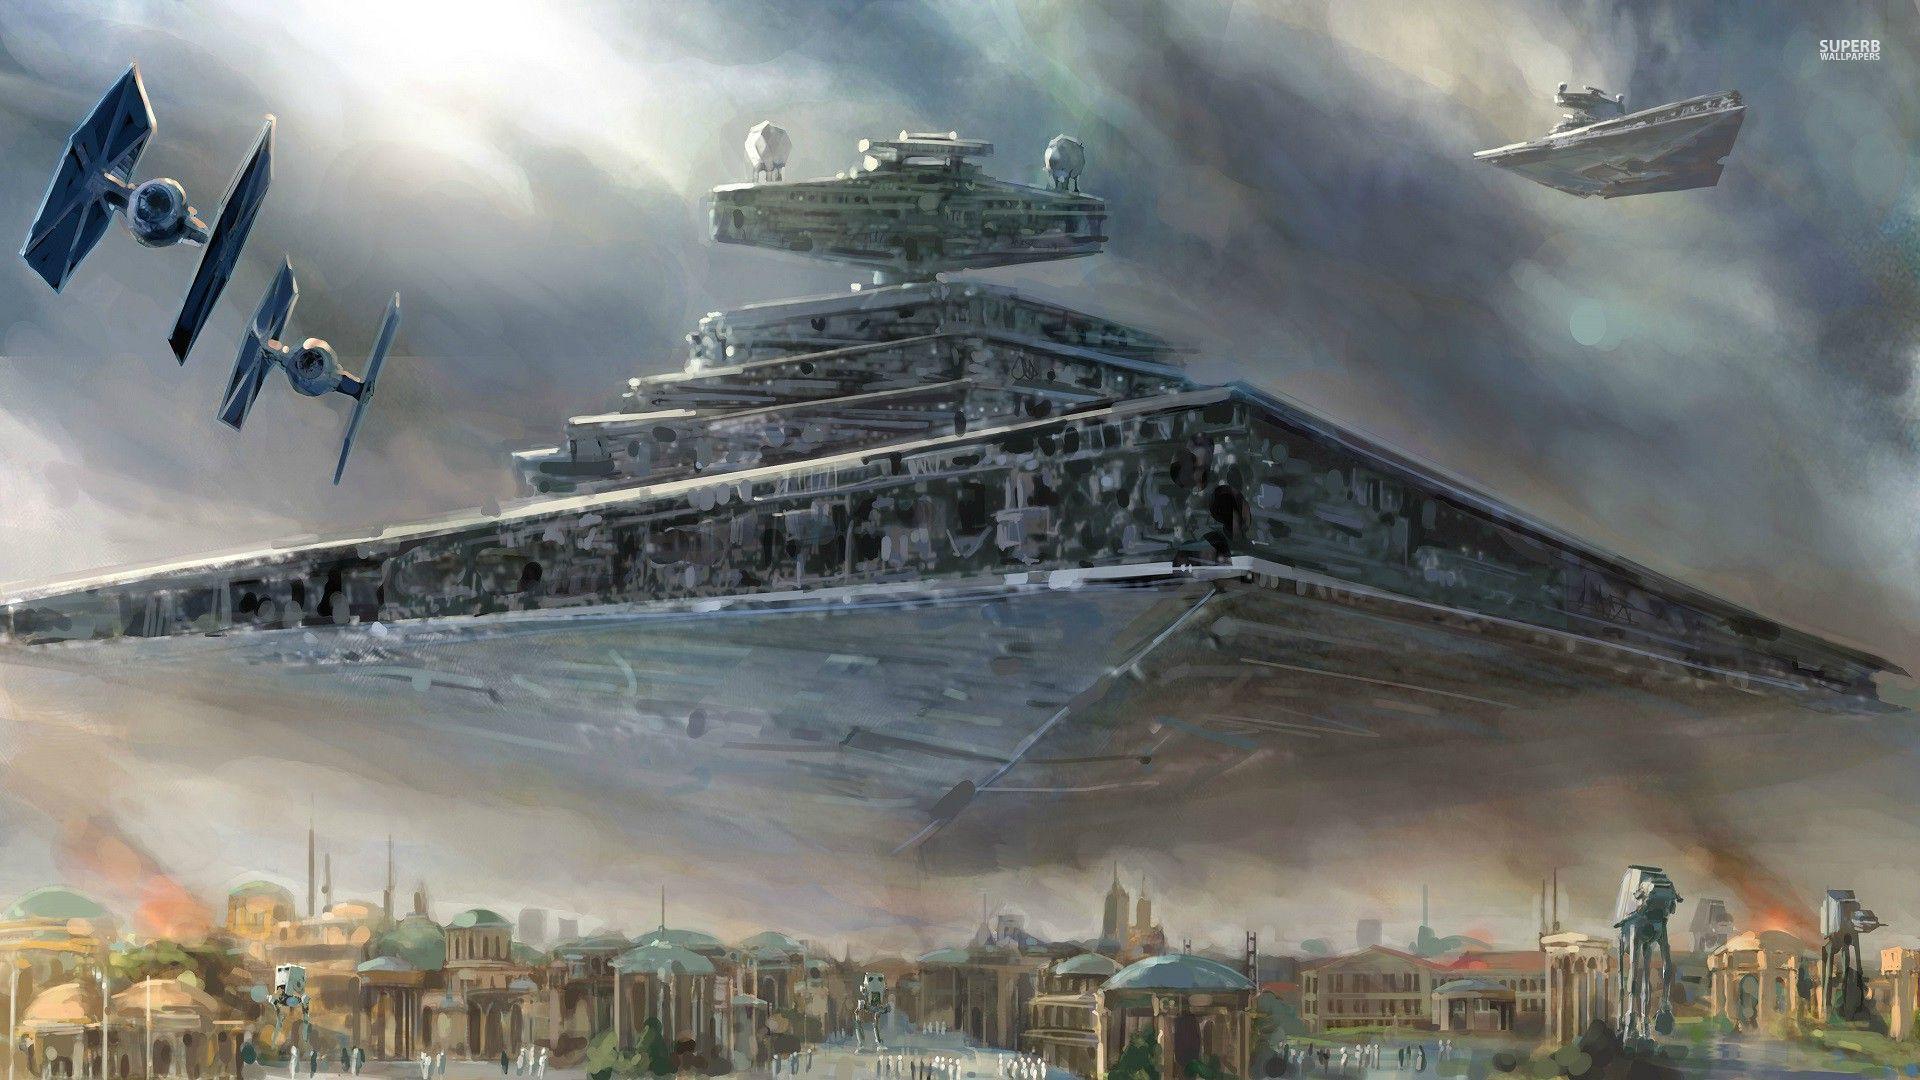 High Resolution Star Wars Ships Widescreen HD Wallpaper 1920x1080